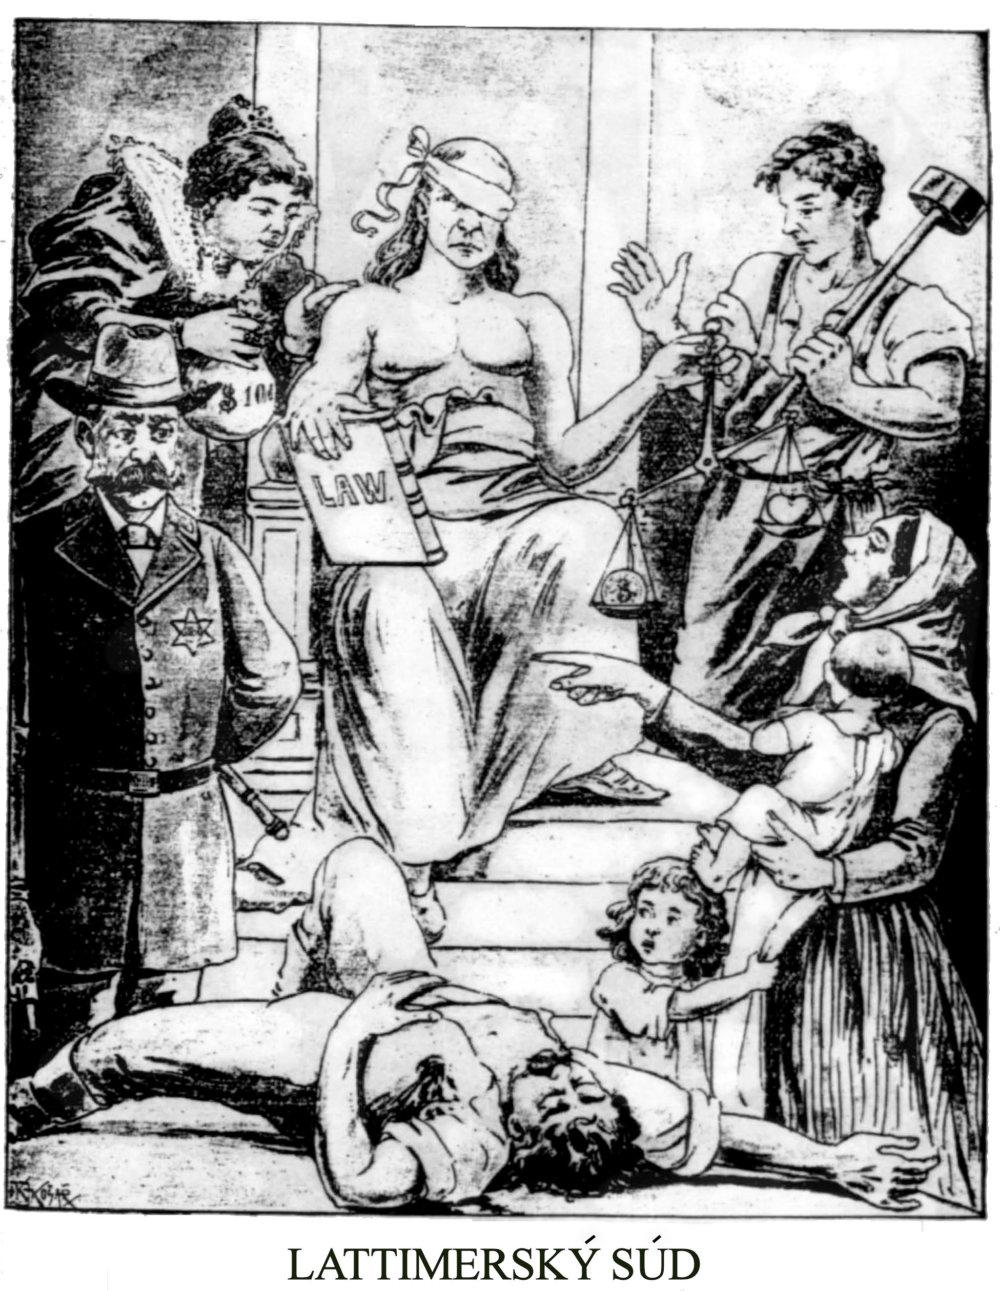 Takto videla proces tlač Slovákov v Amerike. Manželka Mika Cheslocka ukazuje na šerifa Martina, ktorého však podplatená spravodlivosť prepustila. Zdroj - Národný kalendár 1899